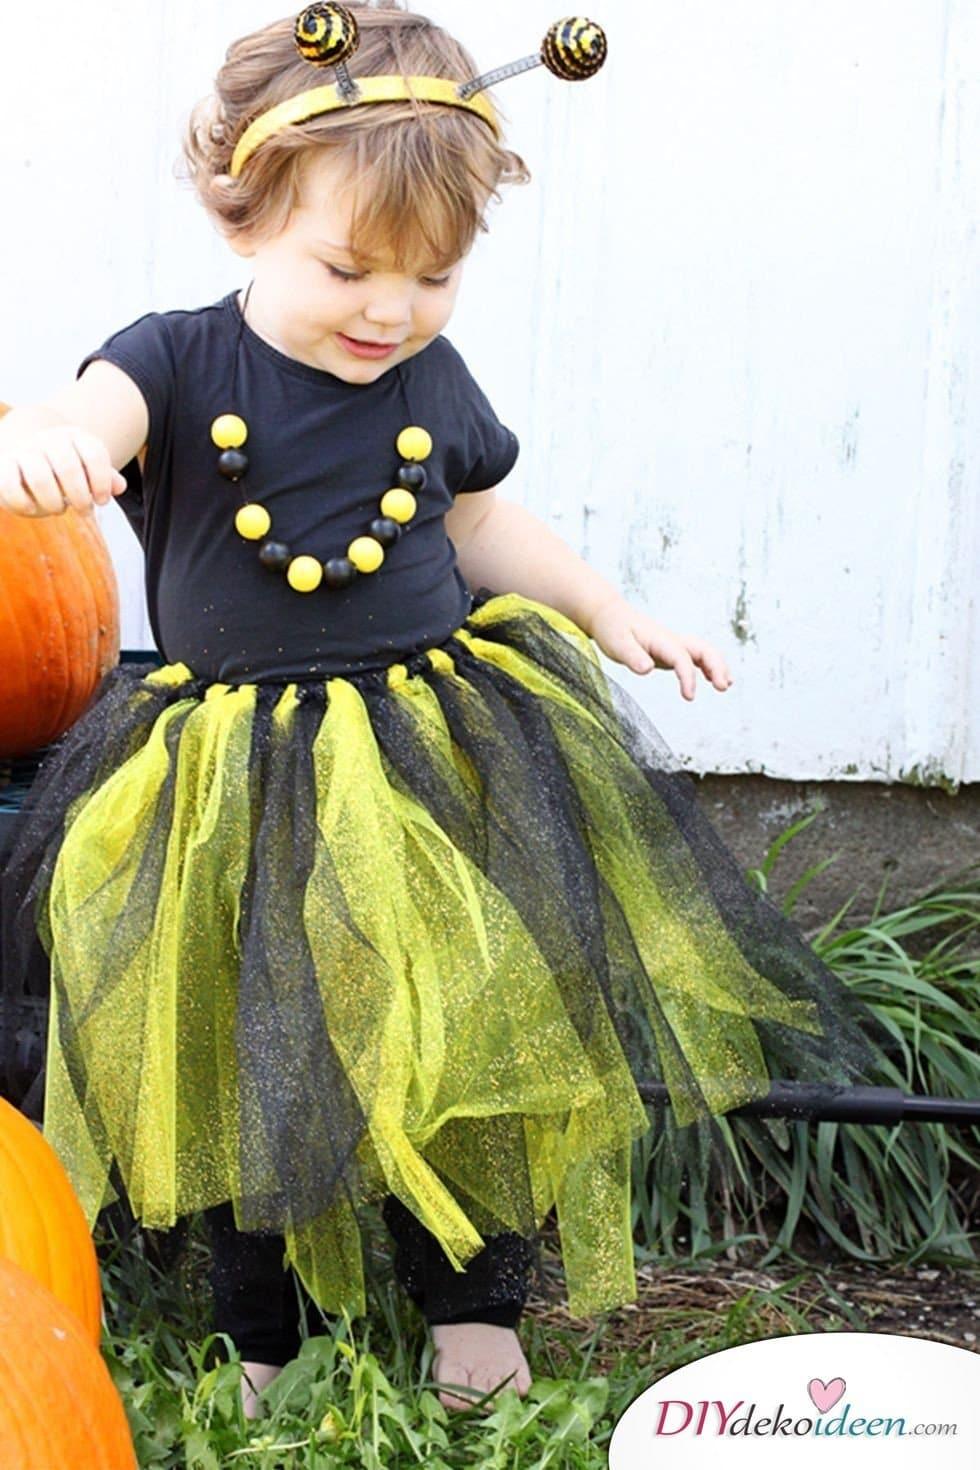 15 witzige Halloween Kostüm Ideen für Kinder zum selbermachen - Biene - Kinderkostüm